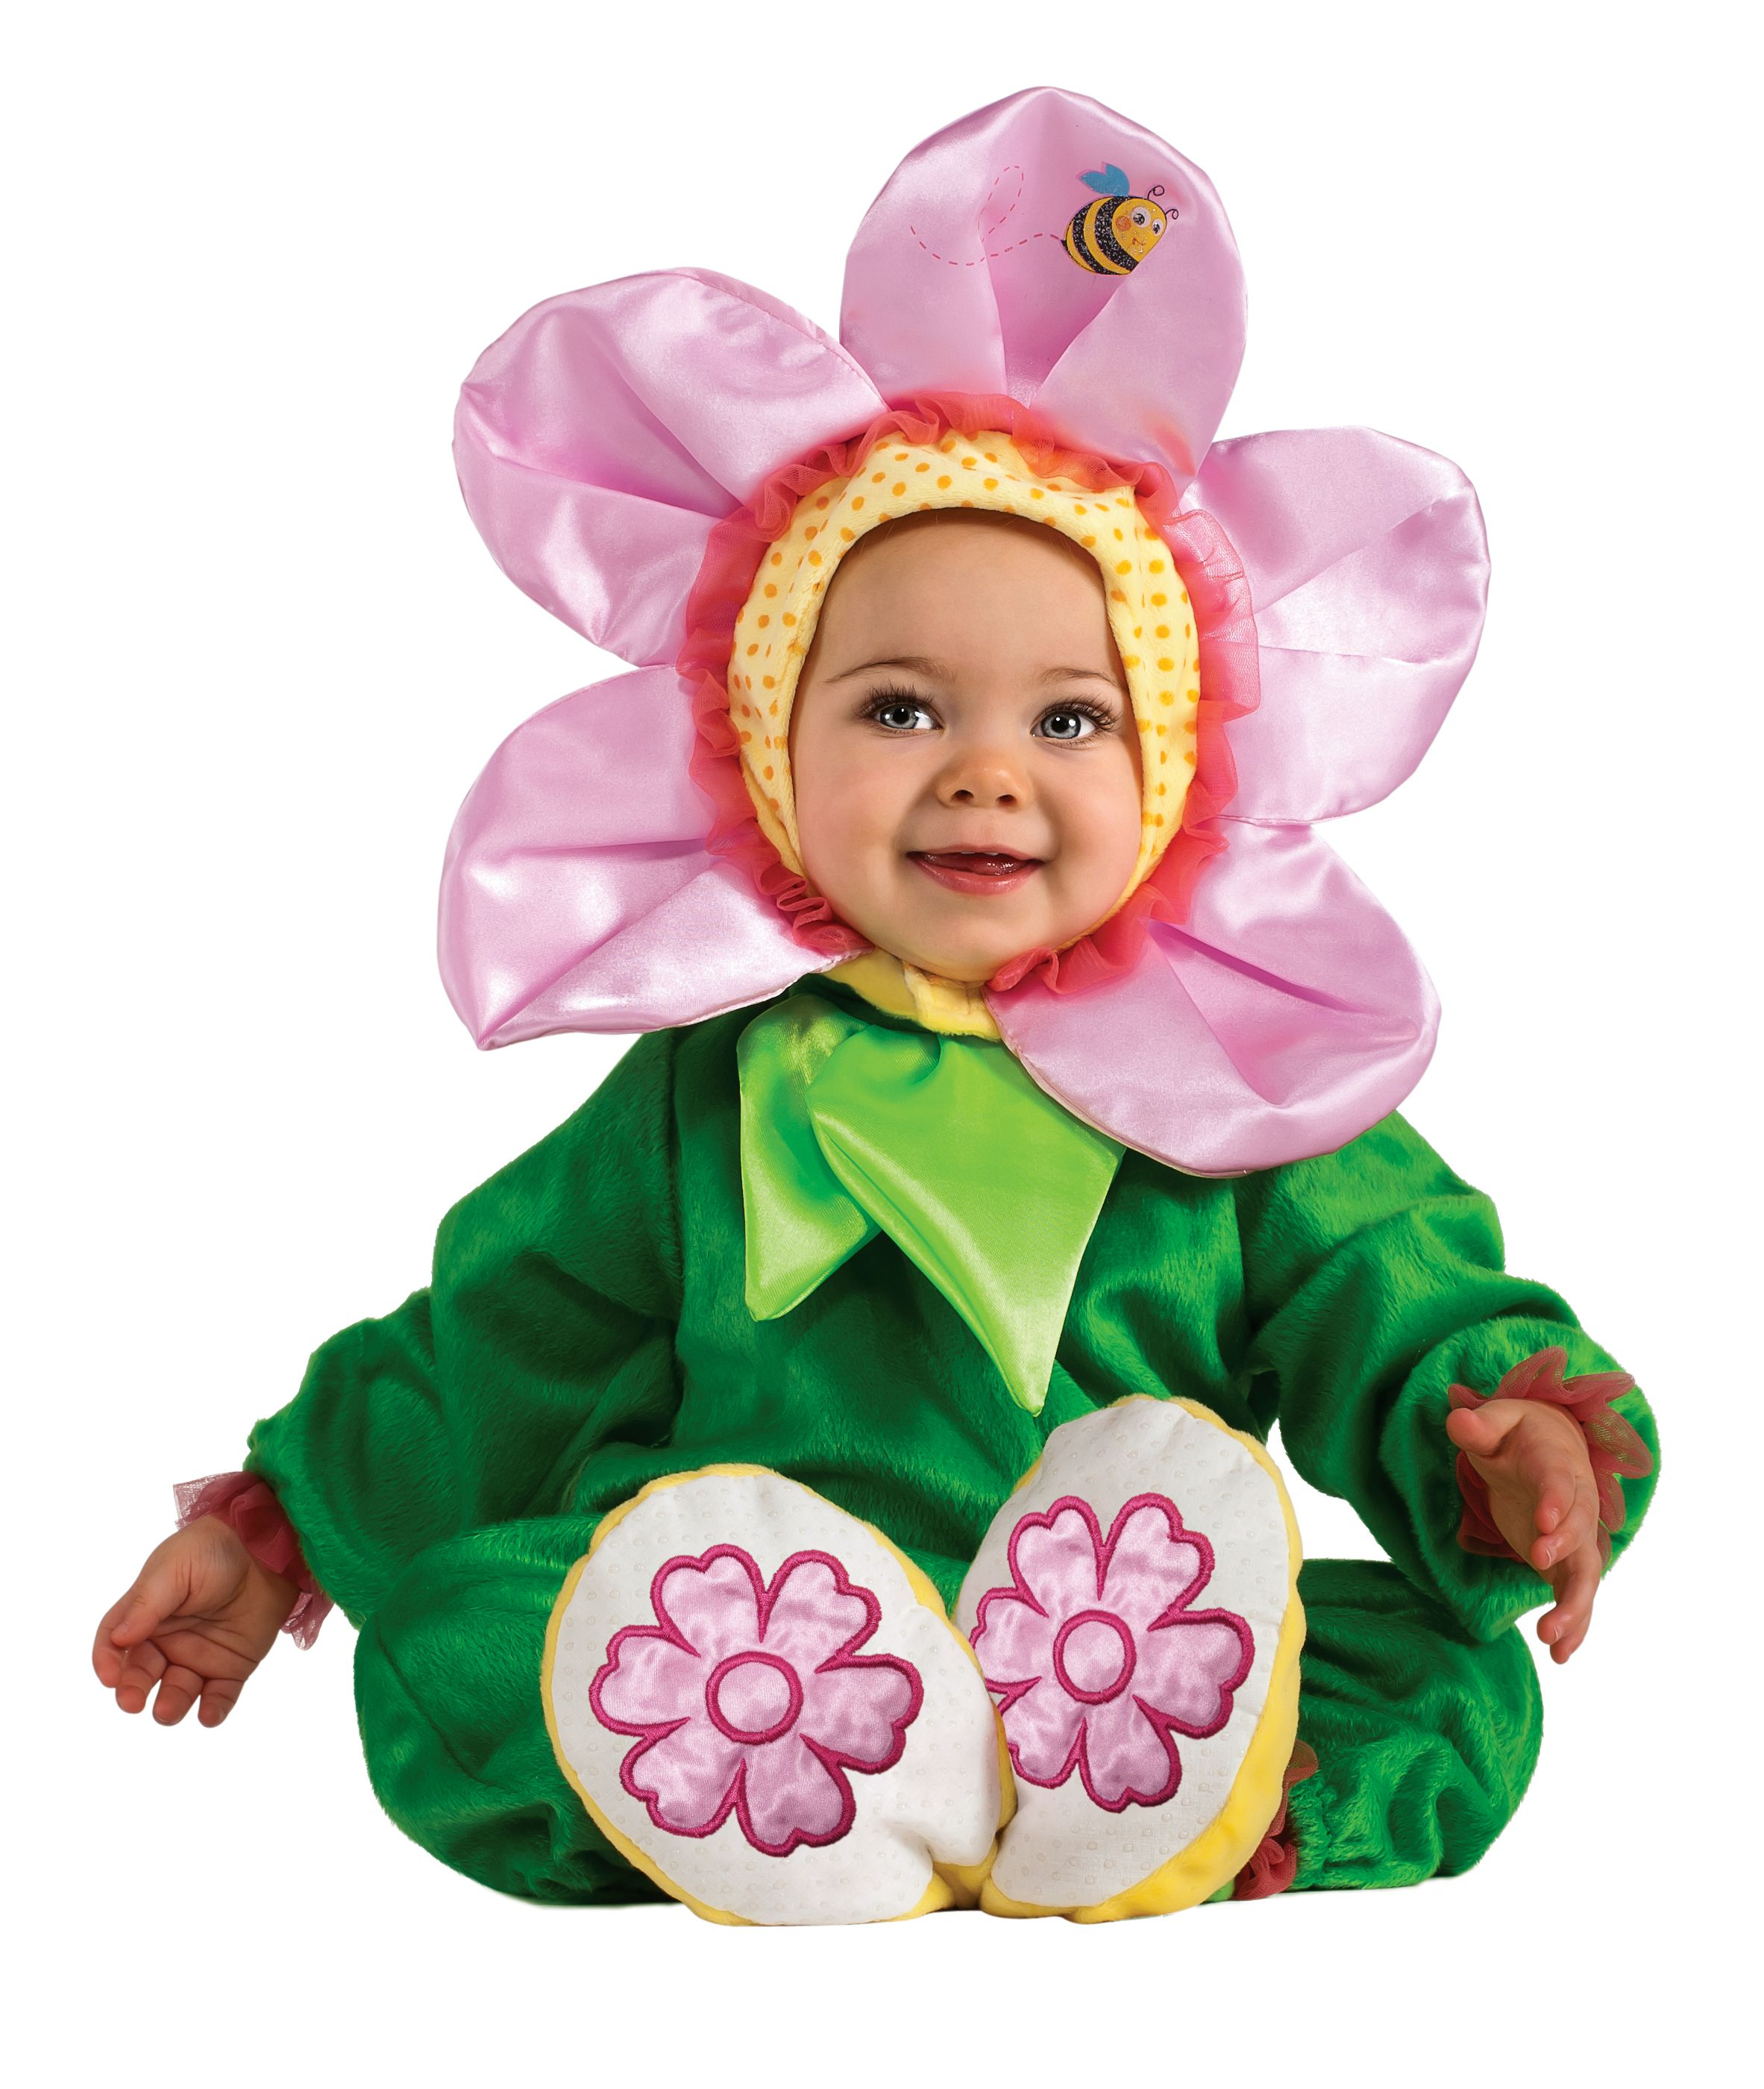 Costume Bébé Fleur. Infant Halloween ...  sc 1 st  Pinterest & Costume Bébé Fleur | Pour bébé | Pinterest | Bebe and Costumes